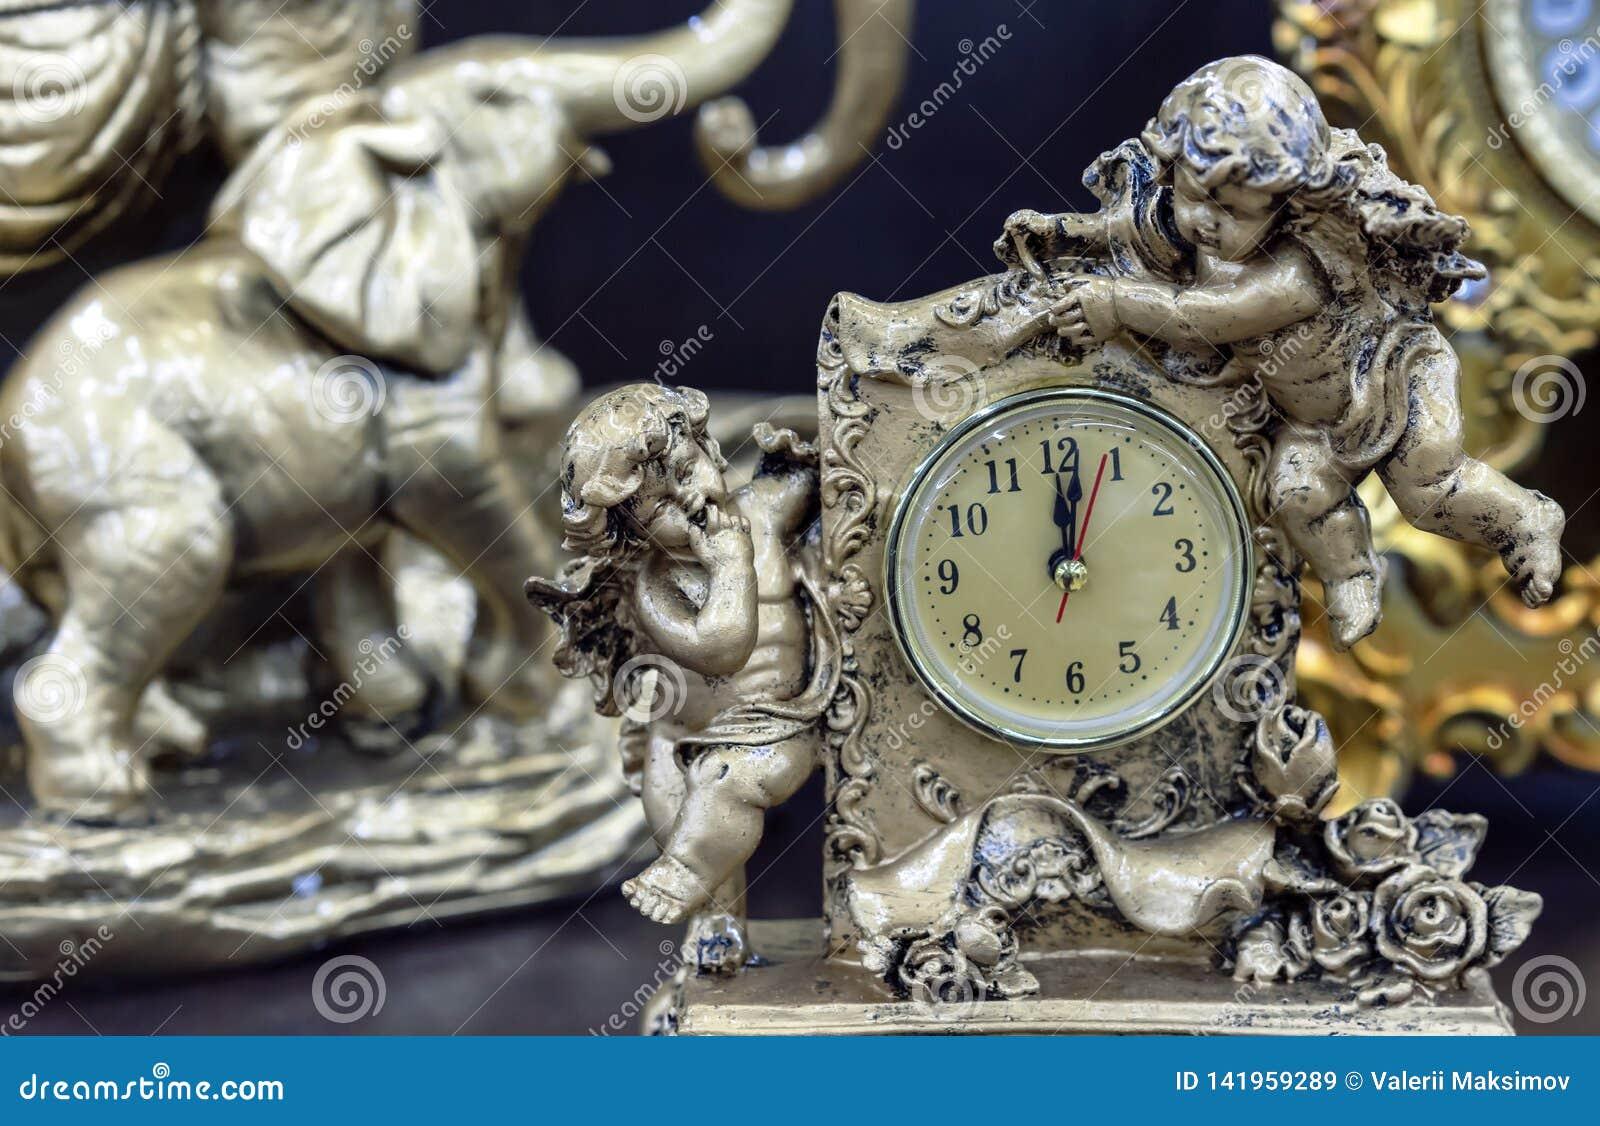 Бронзовые часы таблицы с ангелами на деревянном столе